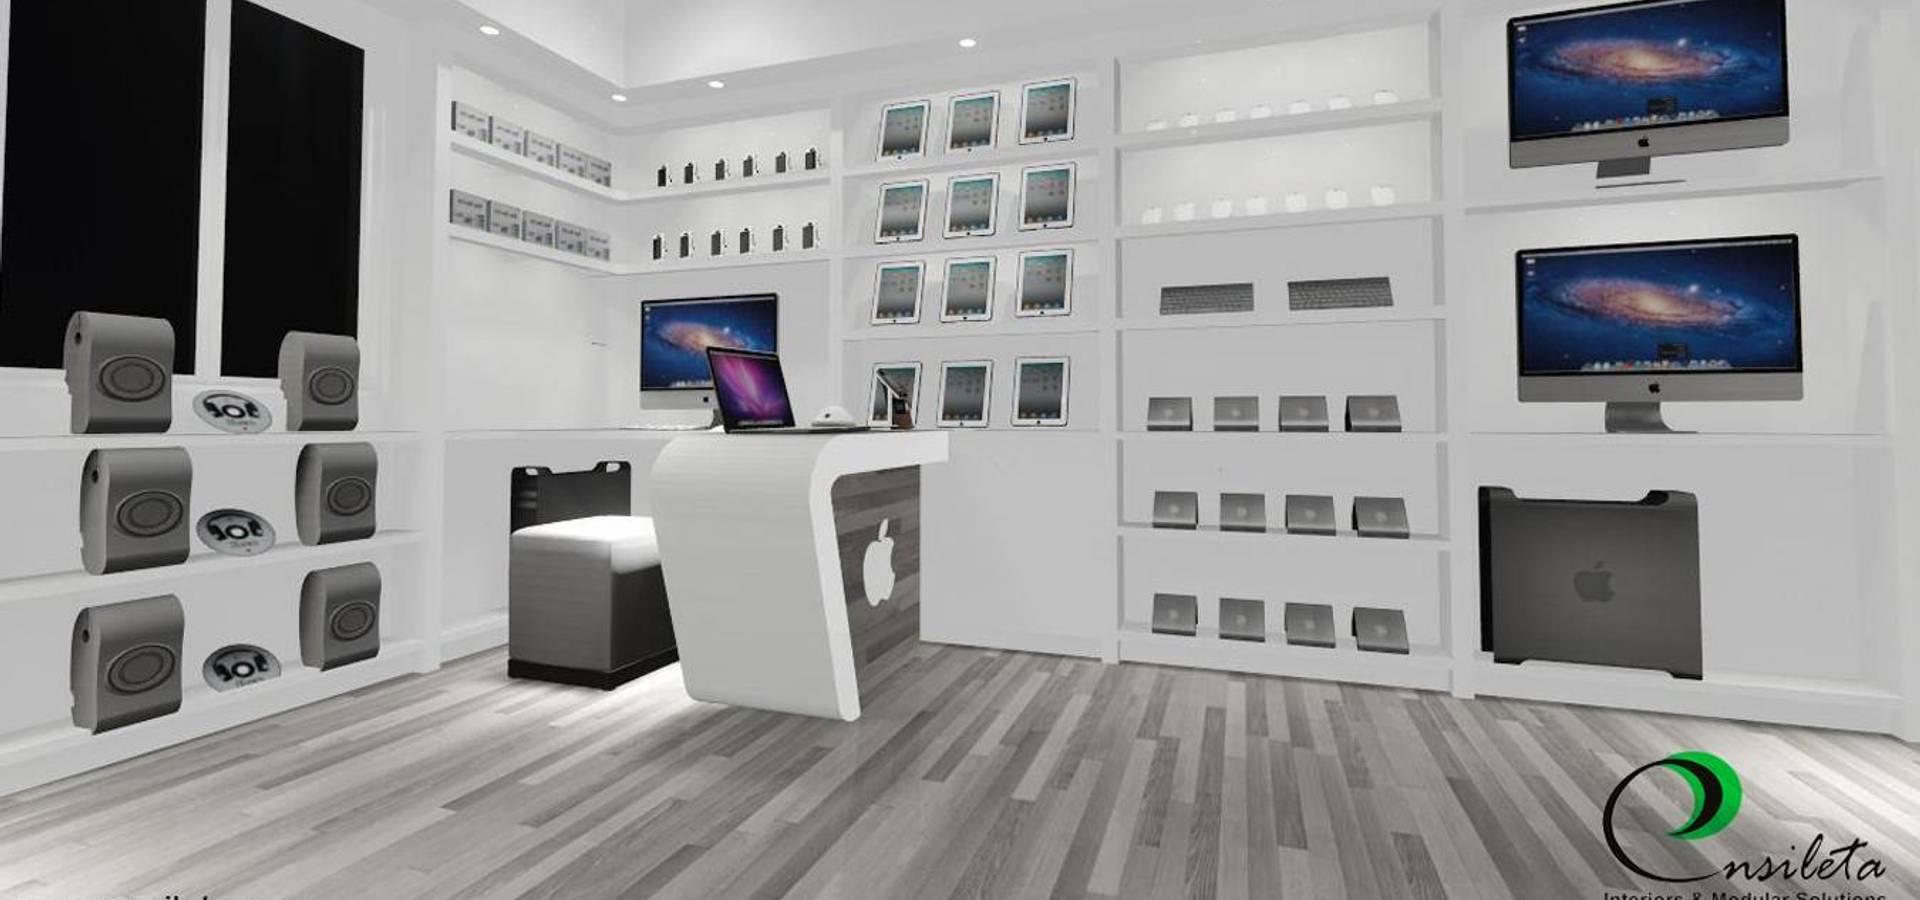 Ensileta Interiors and Modular Solutions